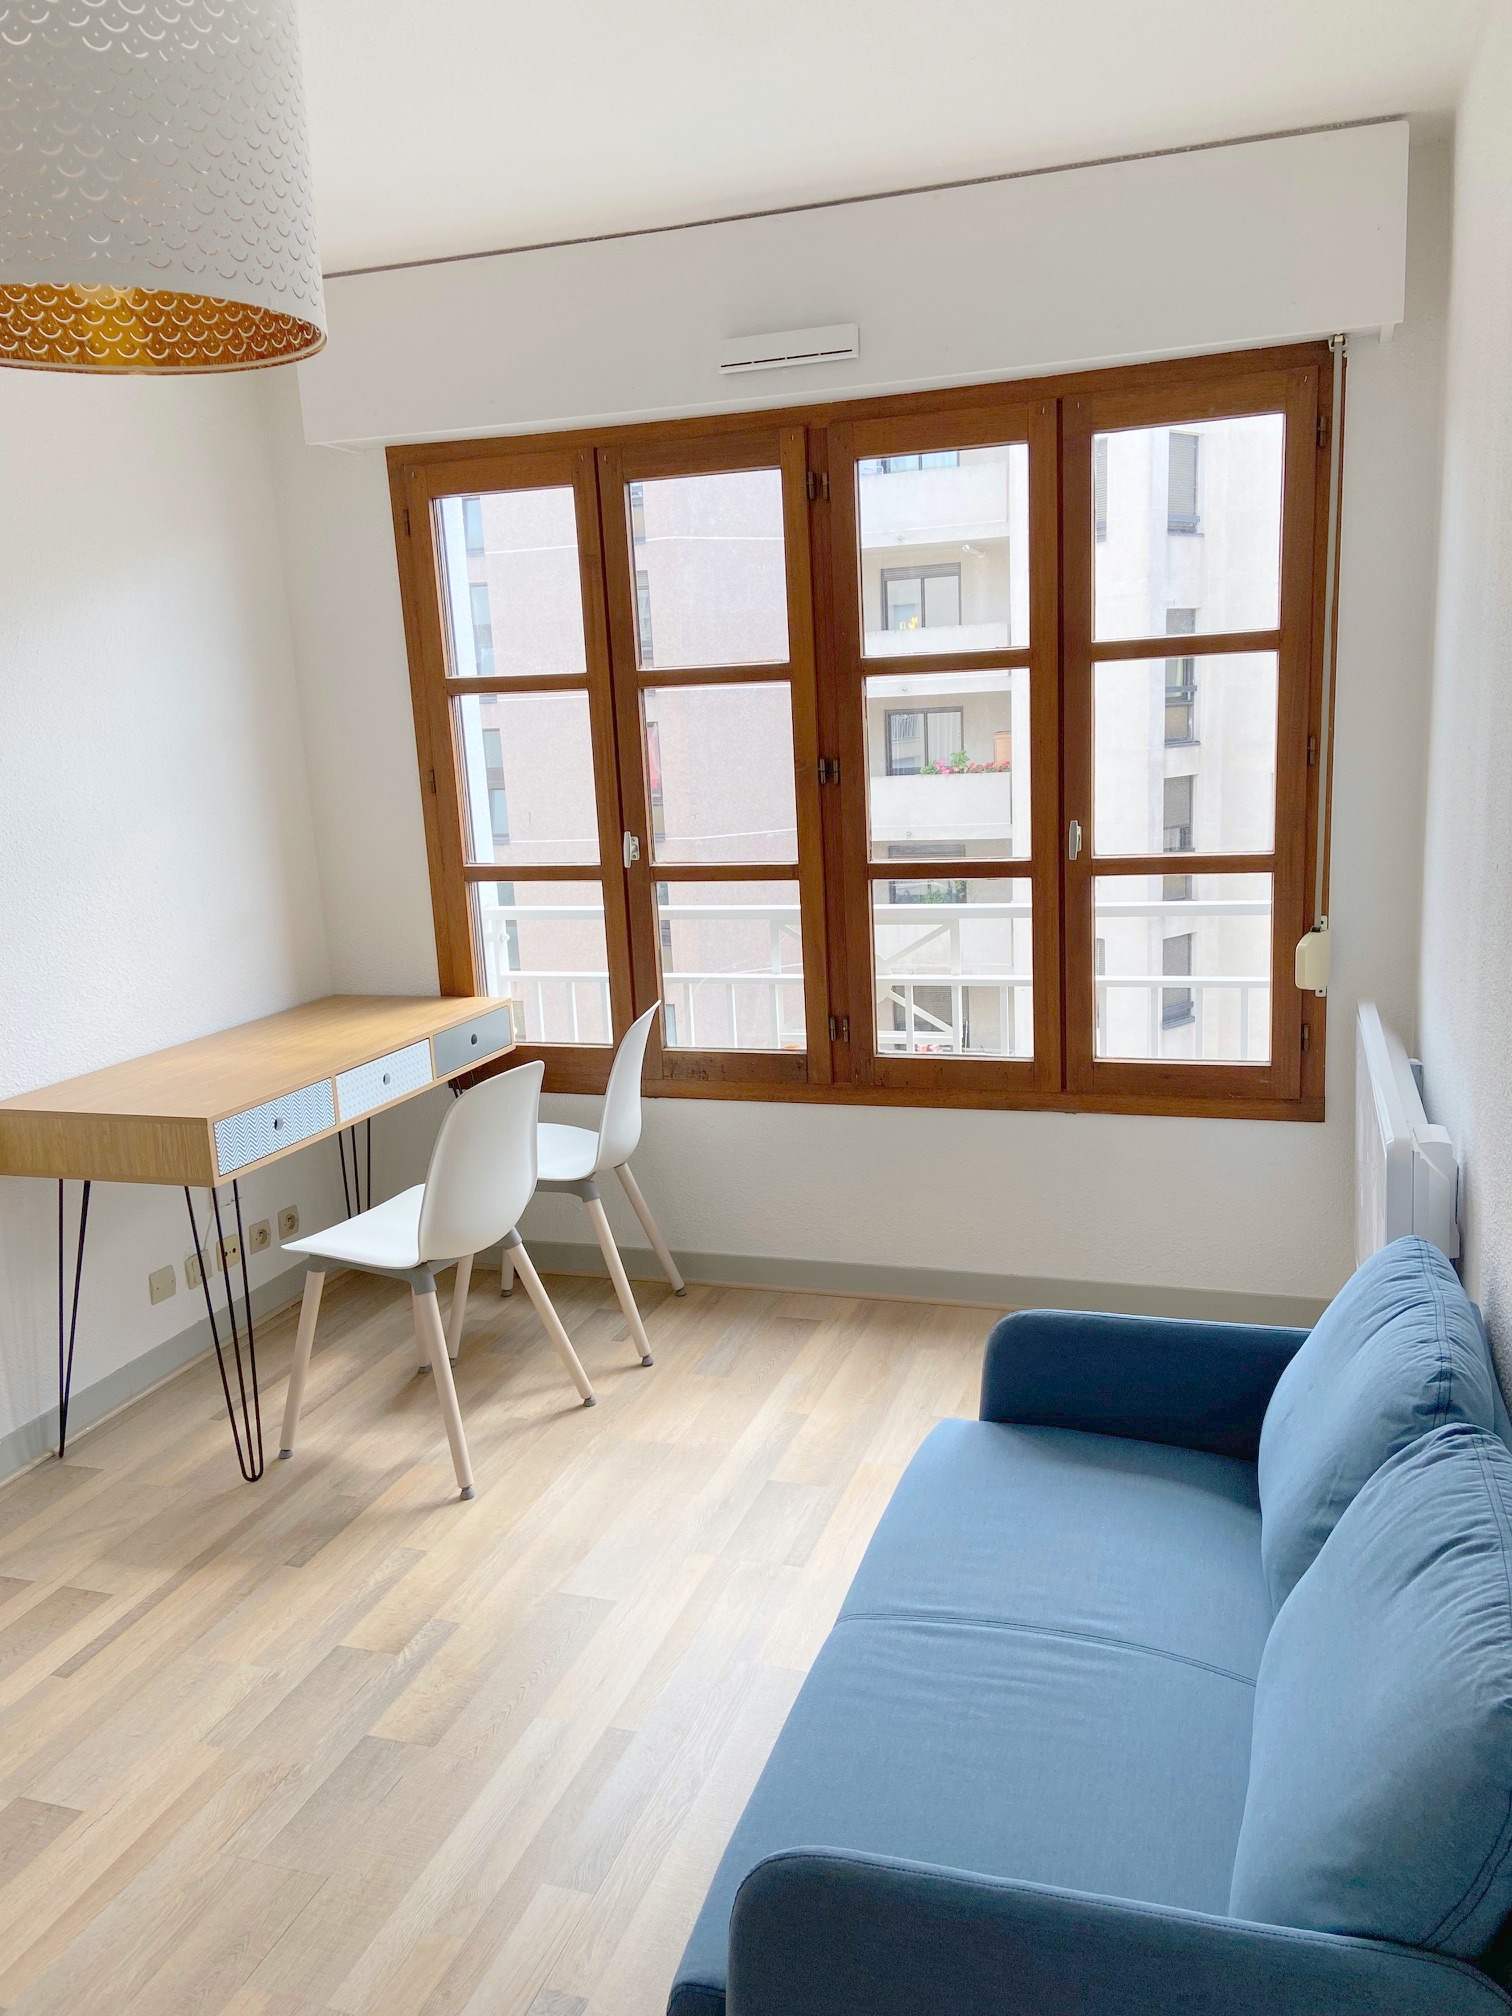 A LOUER T1 meublé - quartier BELLEVUE